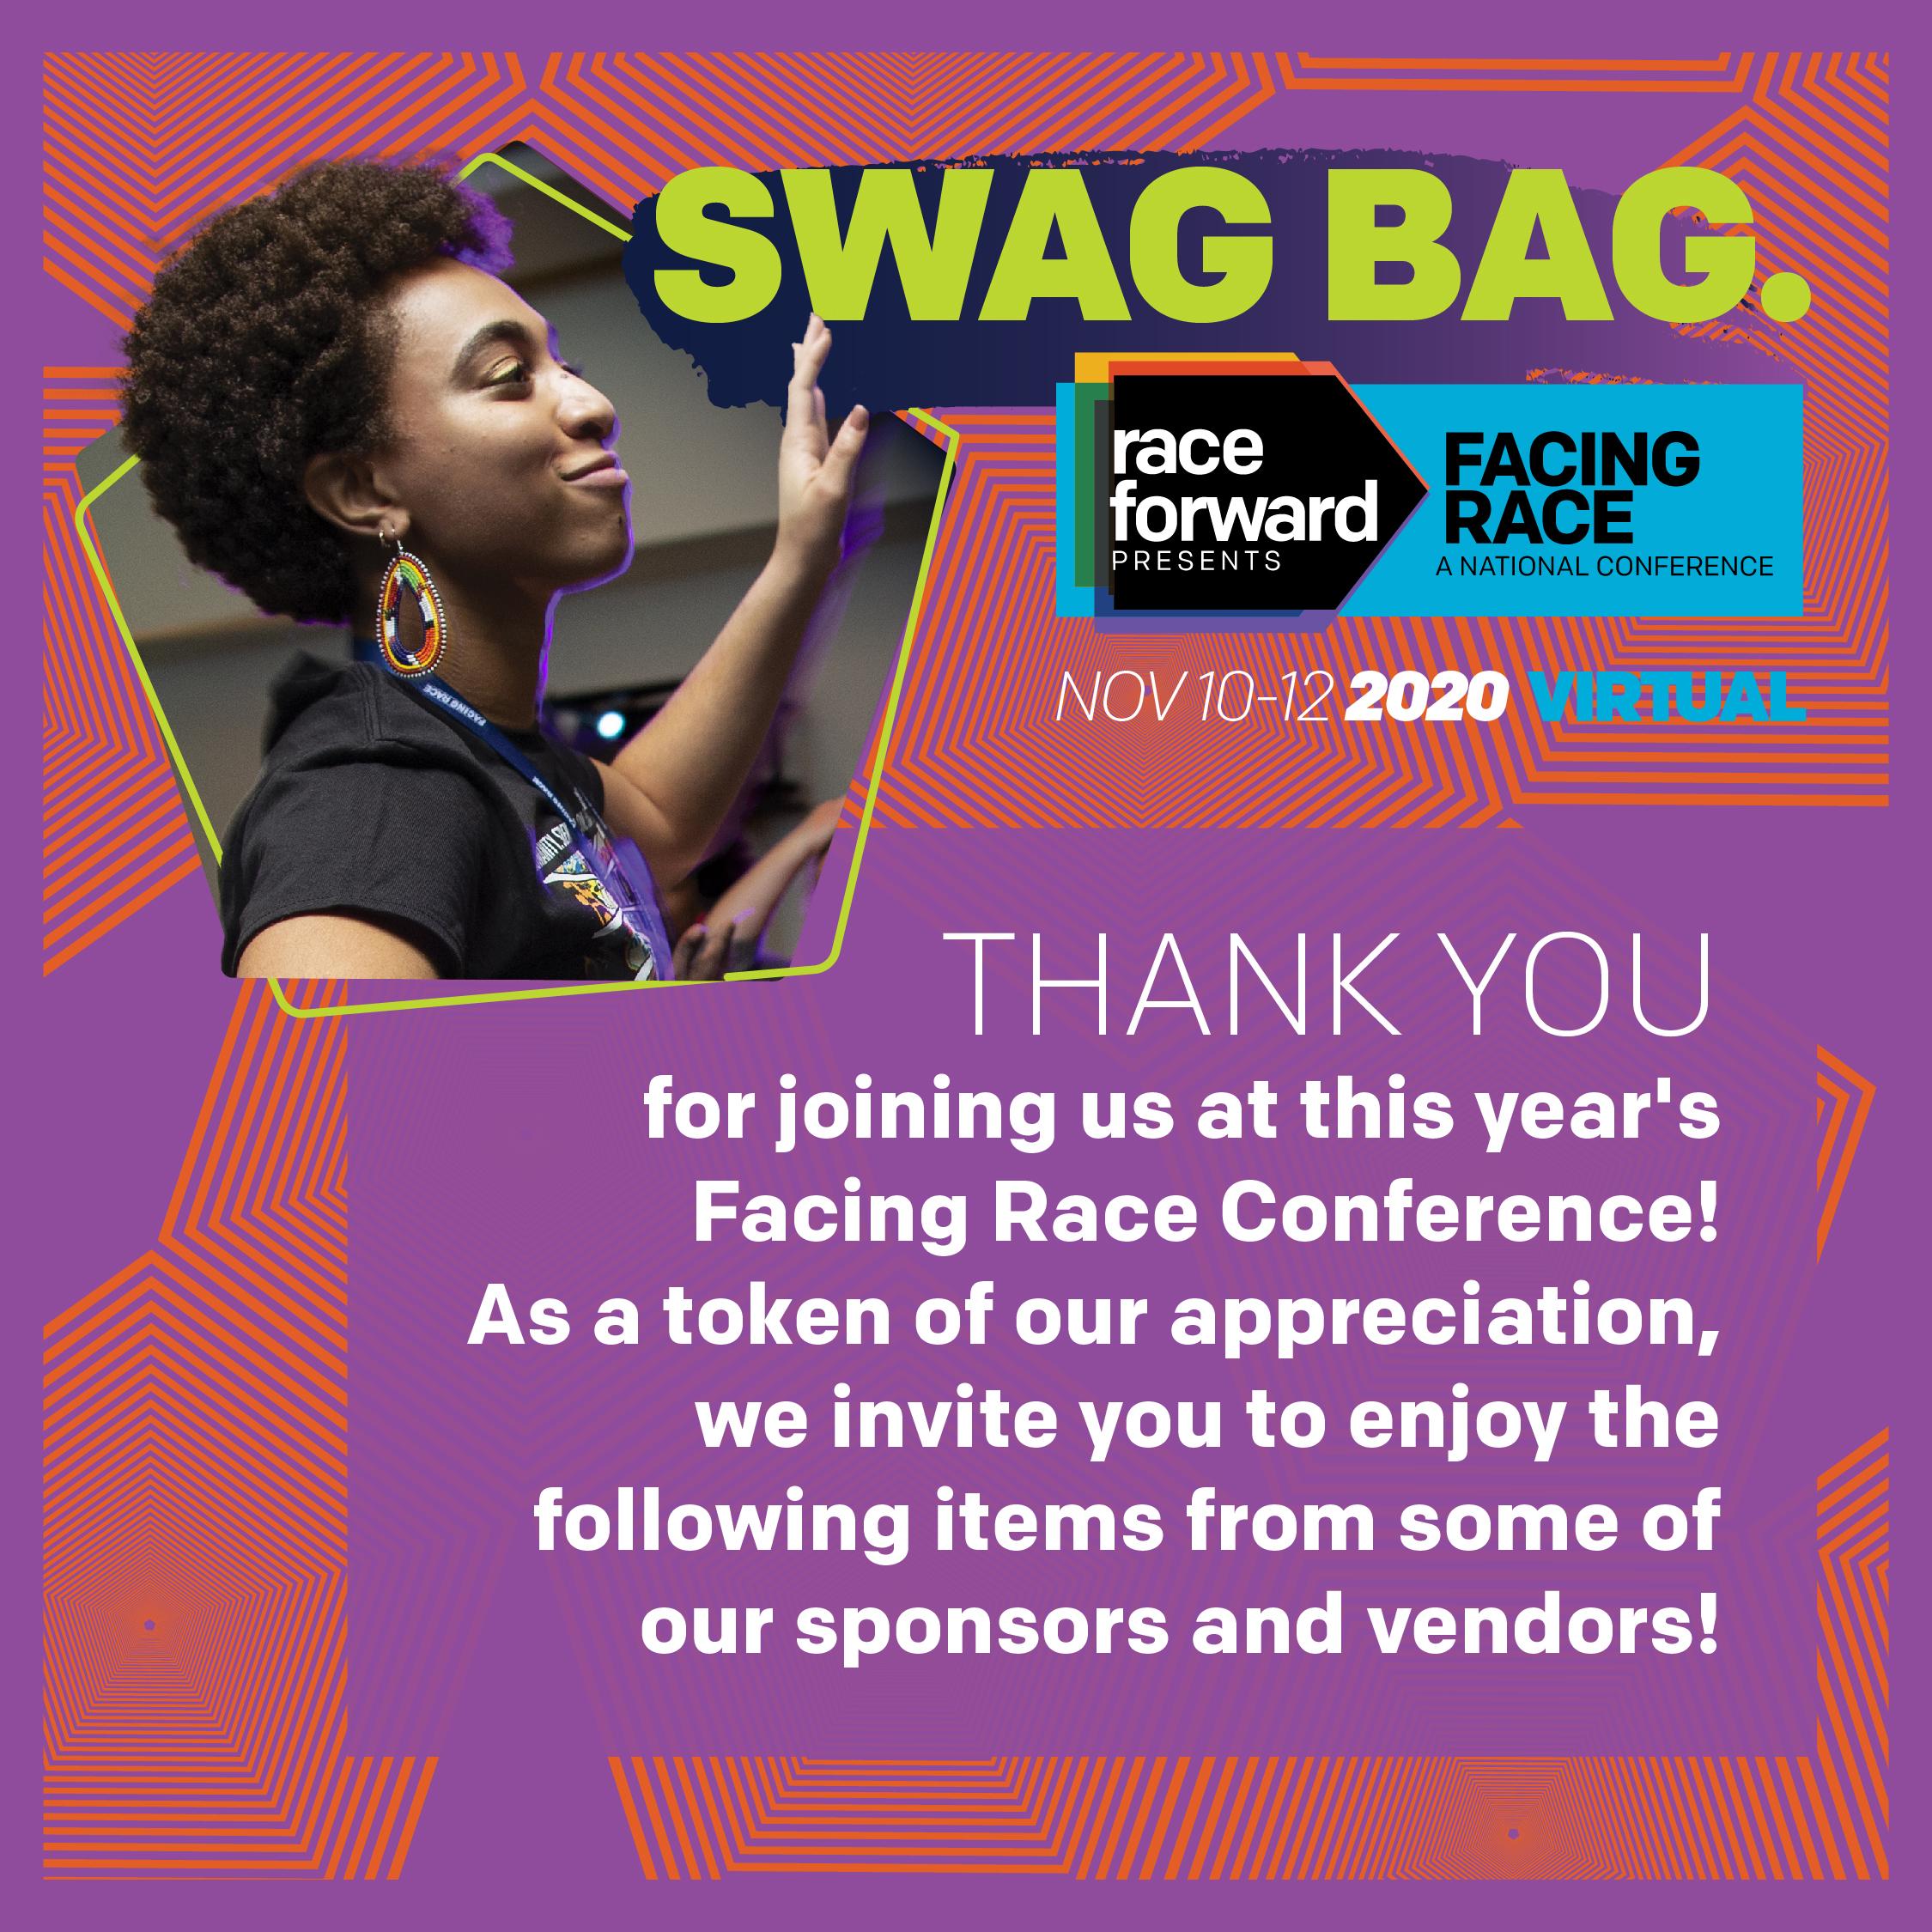 swag bag image